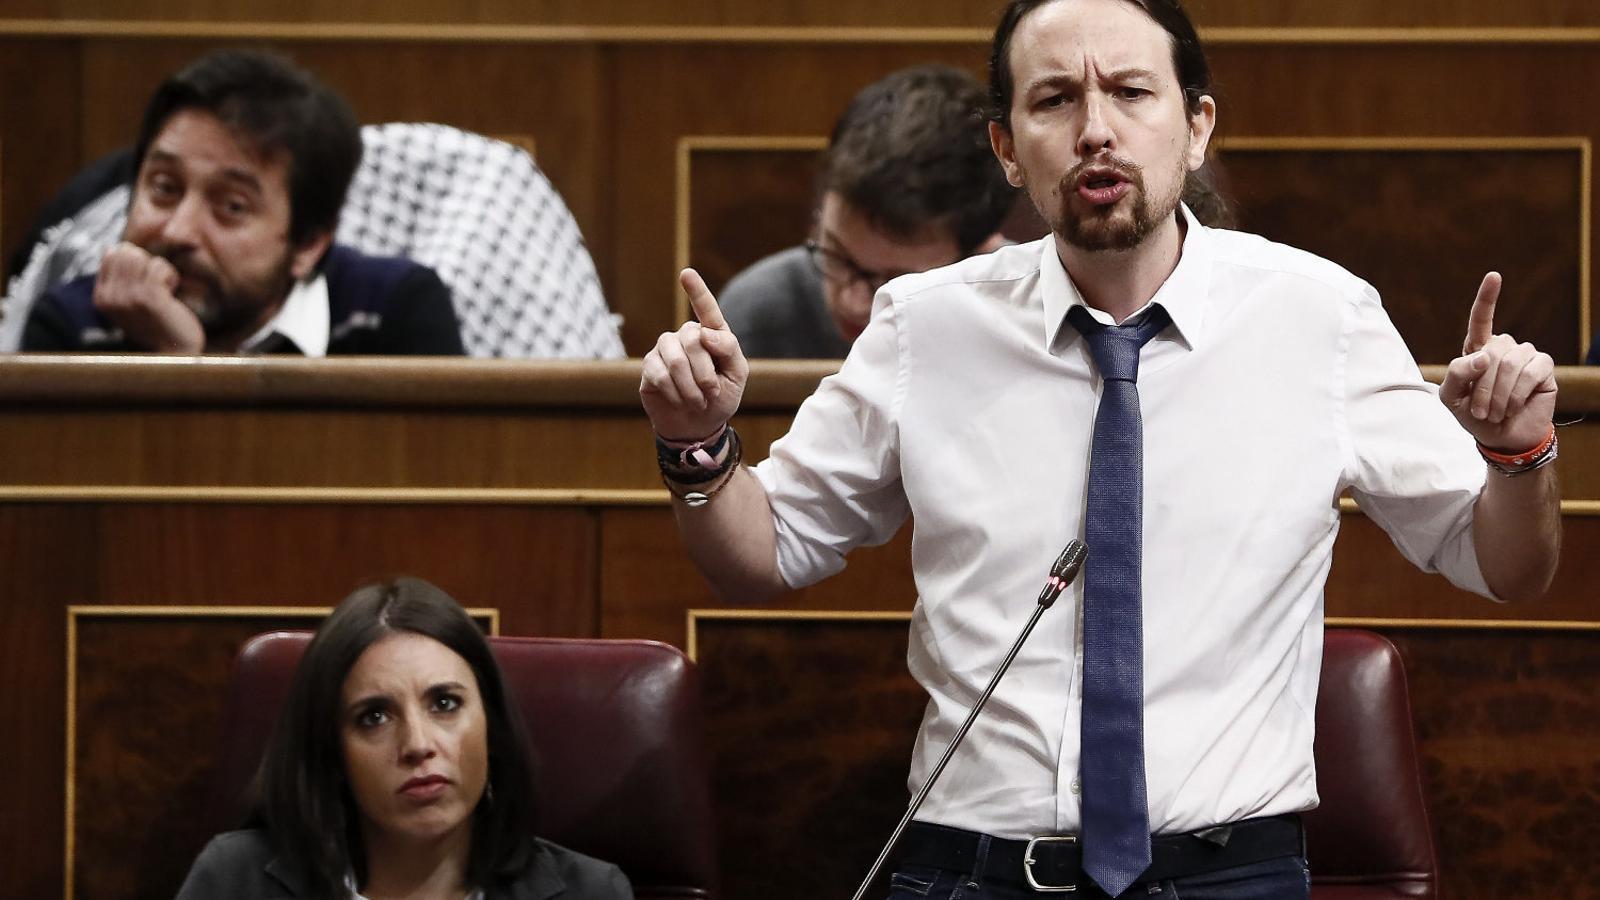 Pablo Iglesias durant una intervenció al Congrés de Diputats.